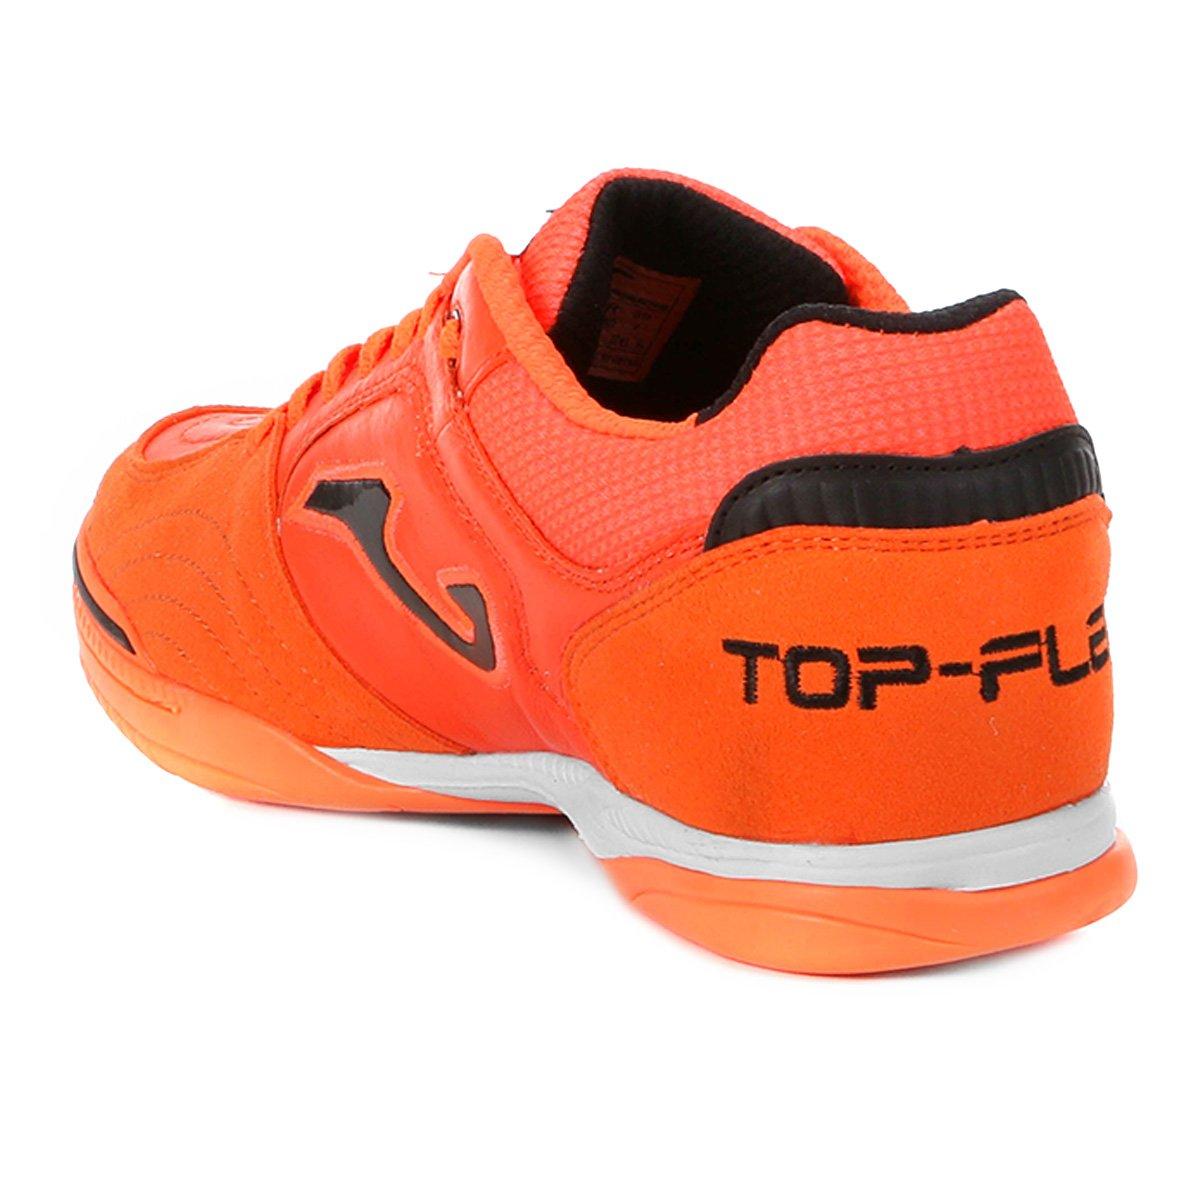 4030353a8e Chuteira Futsal Joma Top Flex IN - Coral - Compre Agora